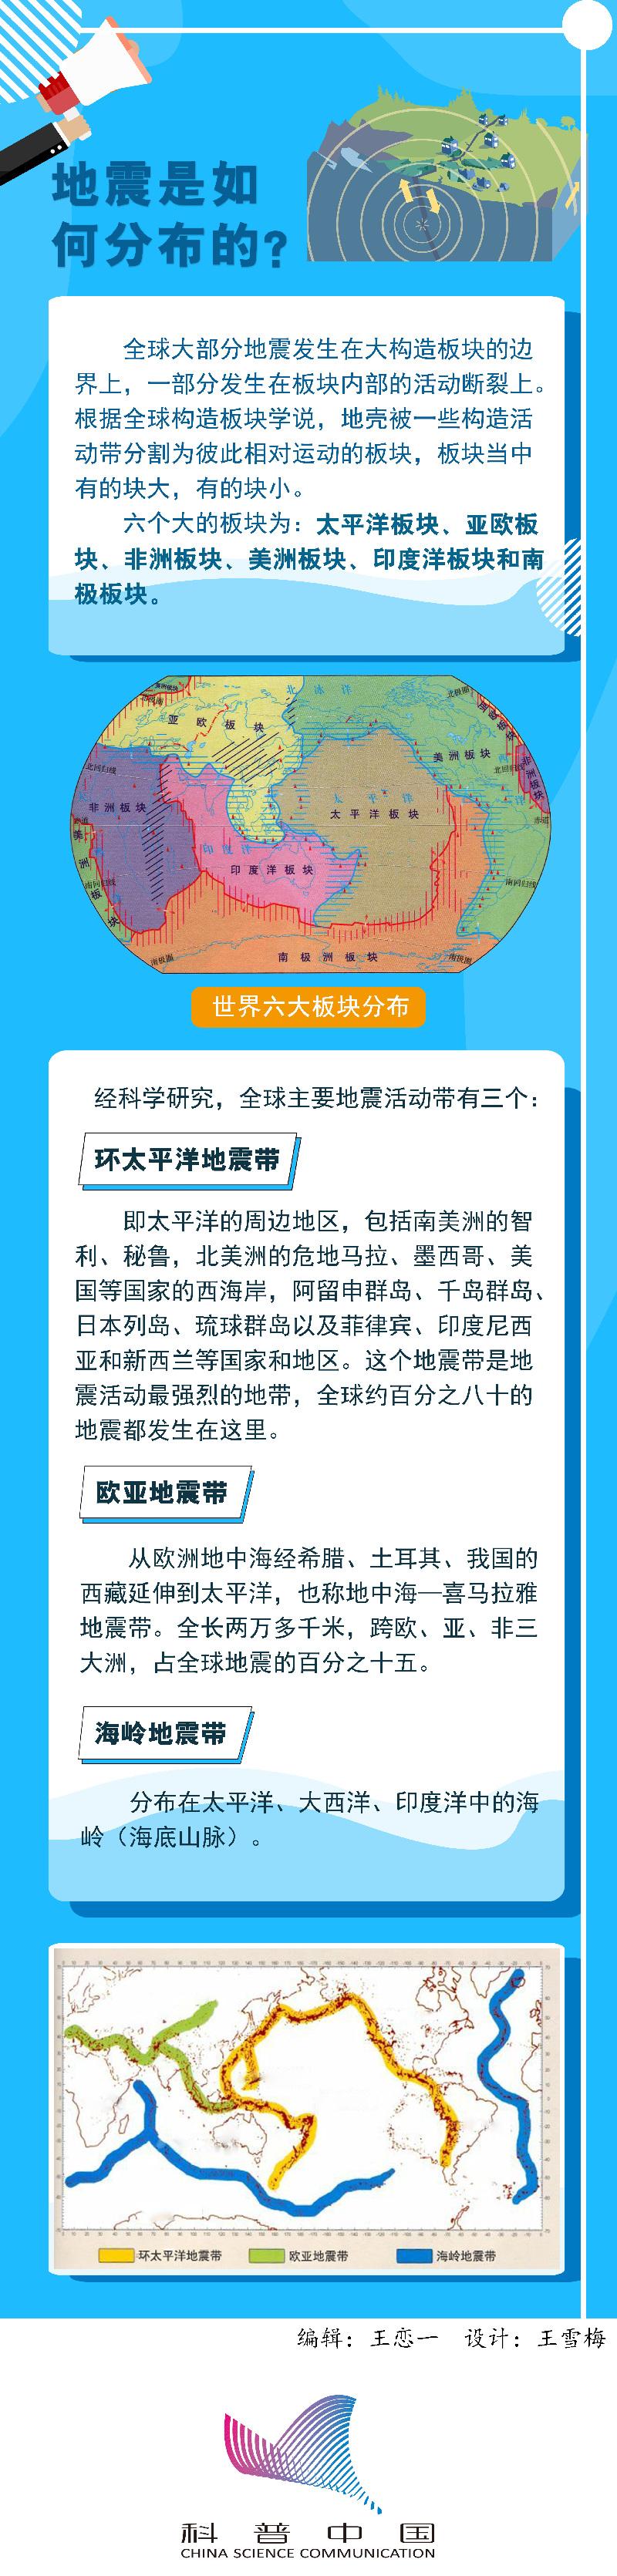 天富官网首页【应急科普】地震是如何分布的?